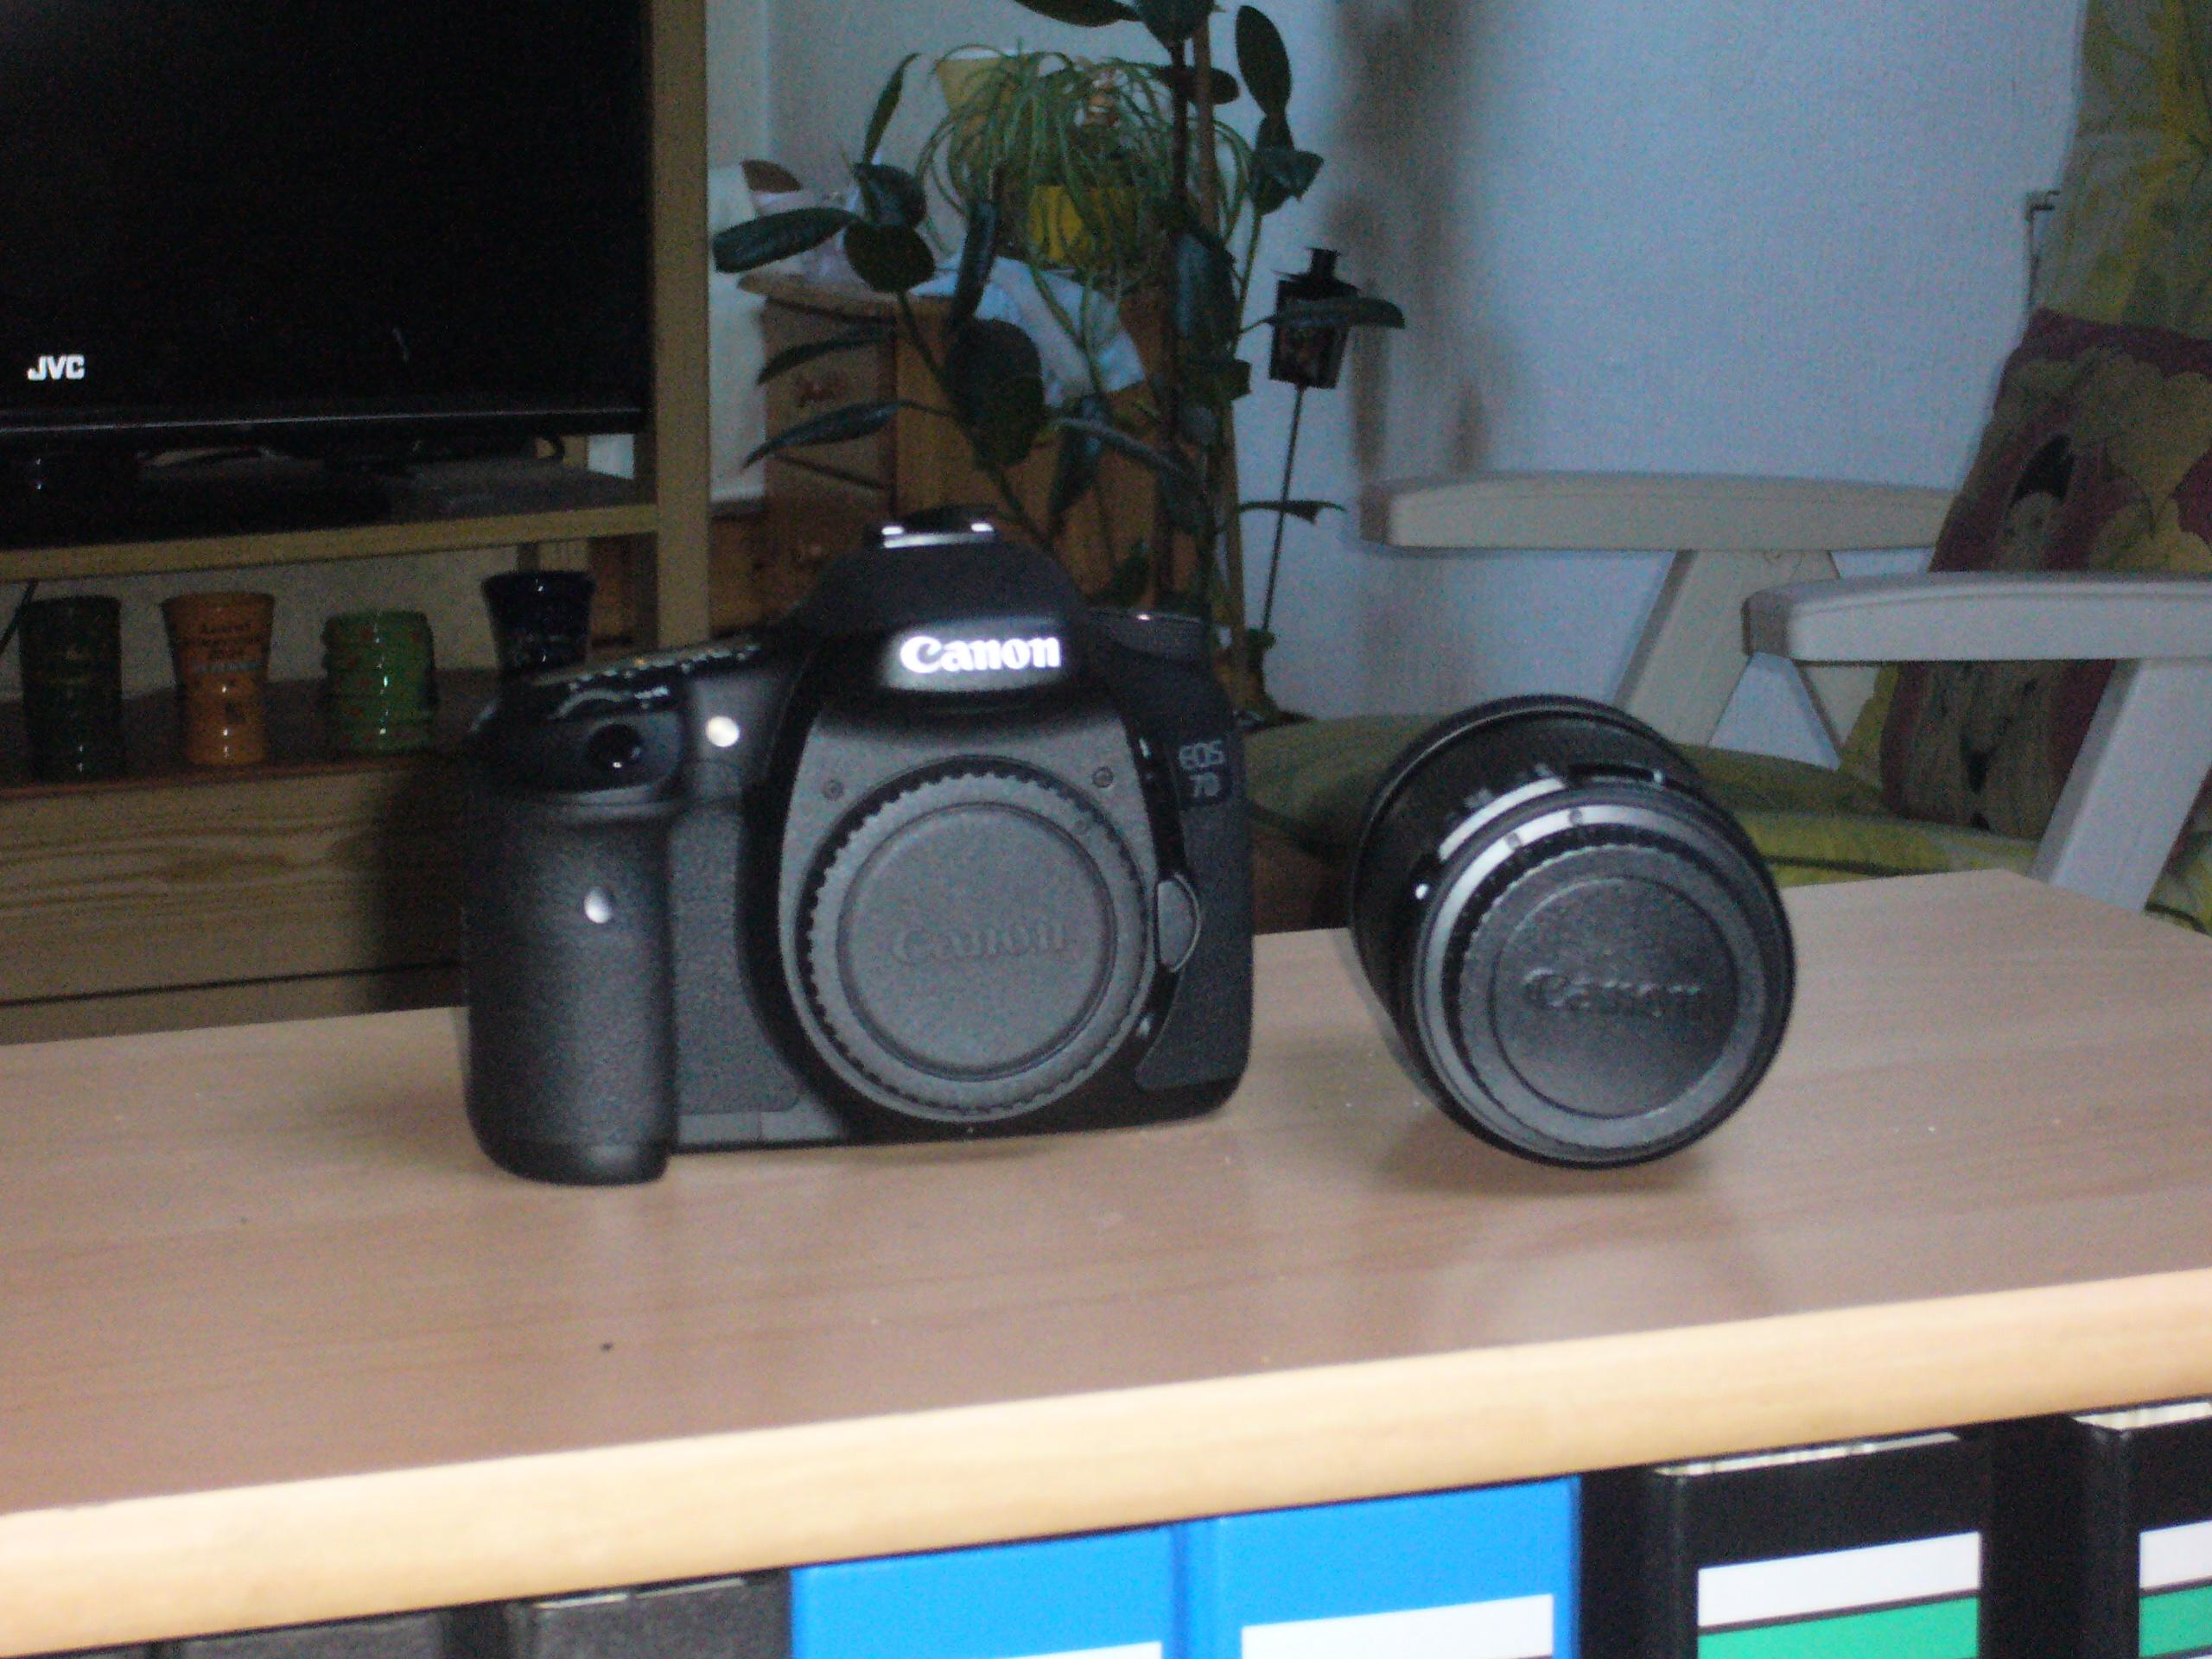 Leica Laser Entfernungsmesser Kamera : Leica visus zielfernrohr i lw ohne schiene glänzend